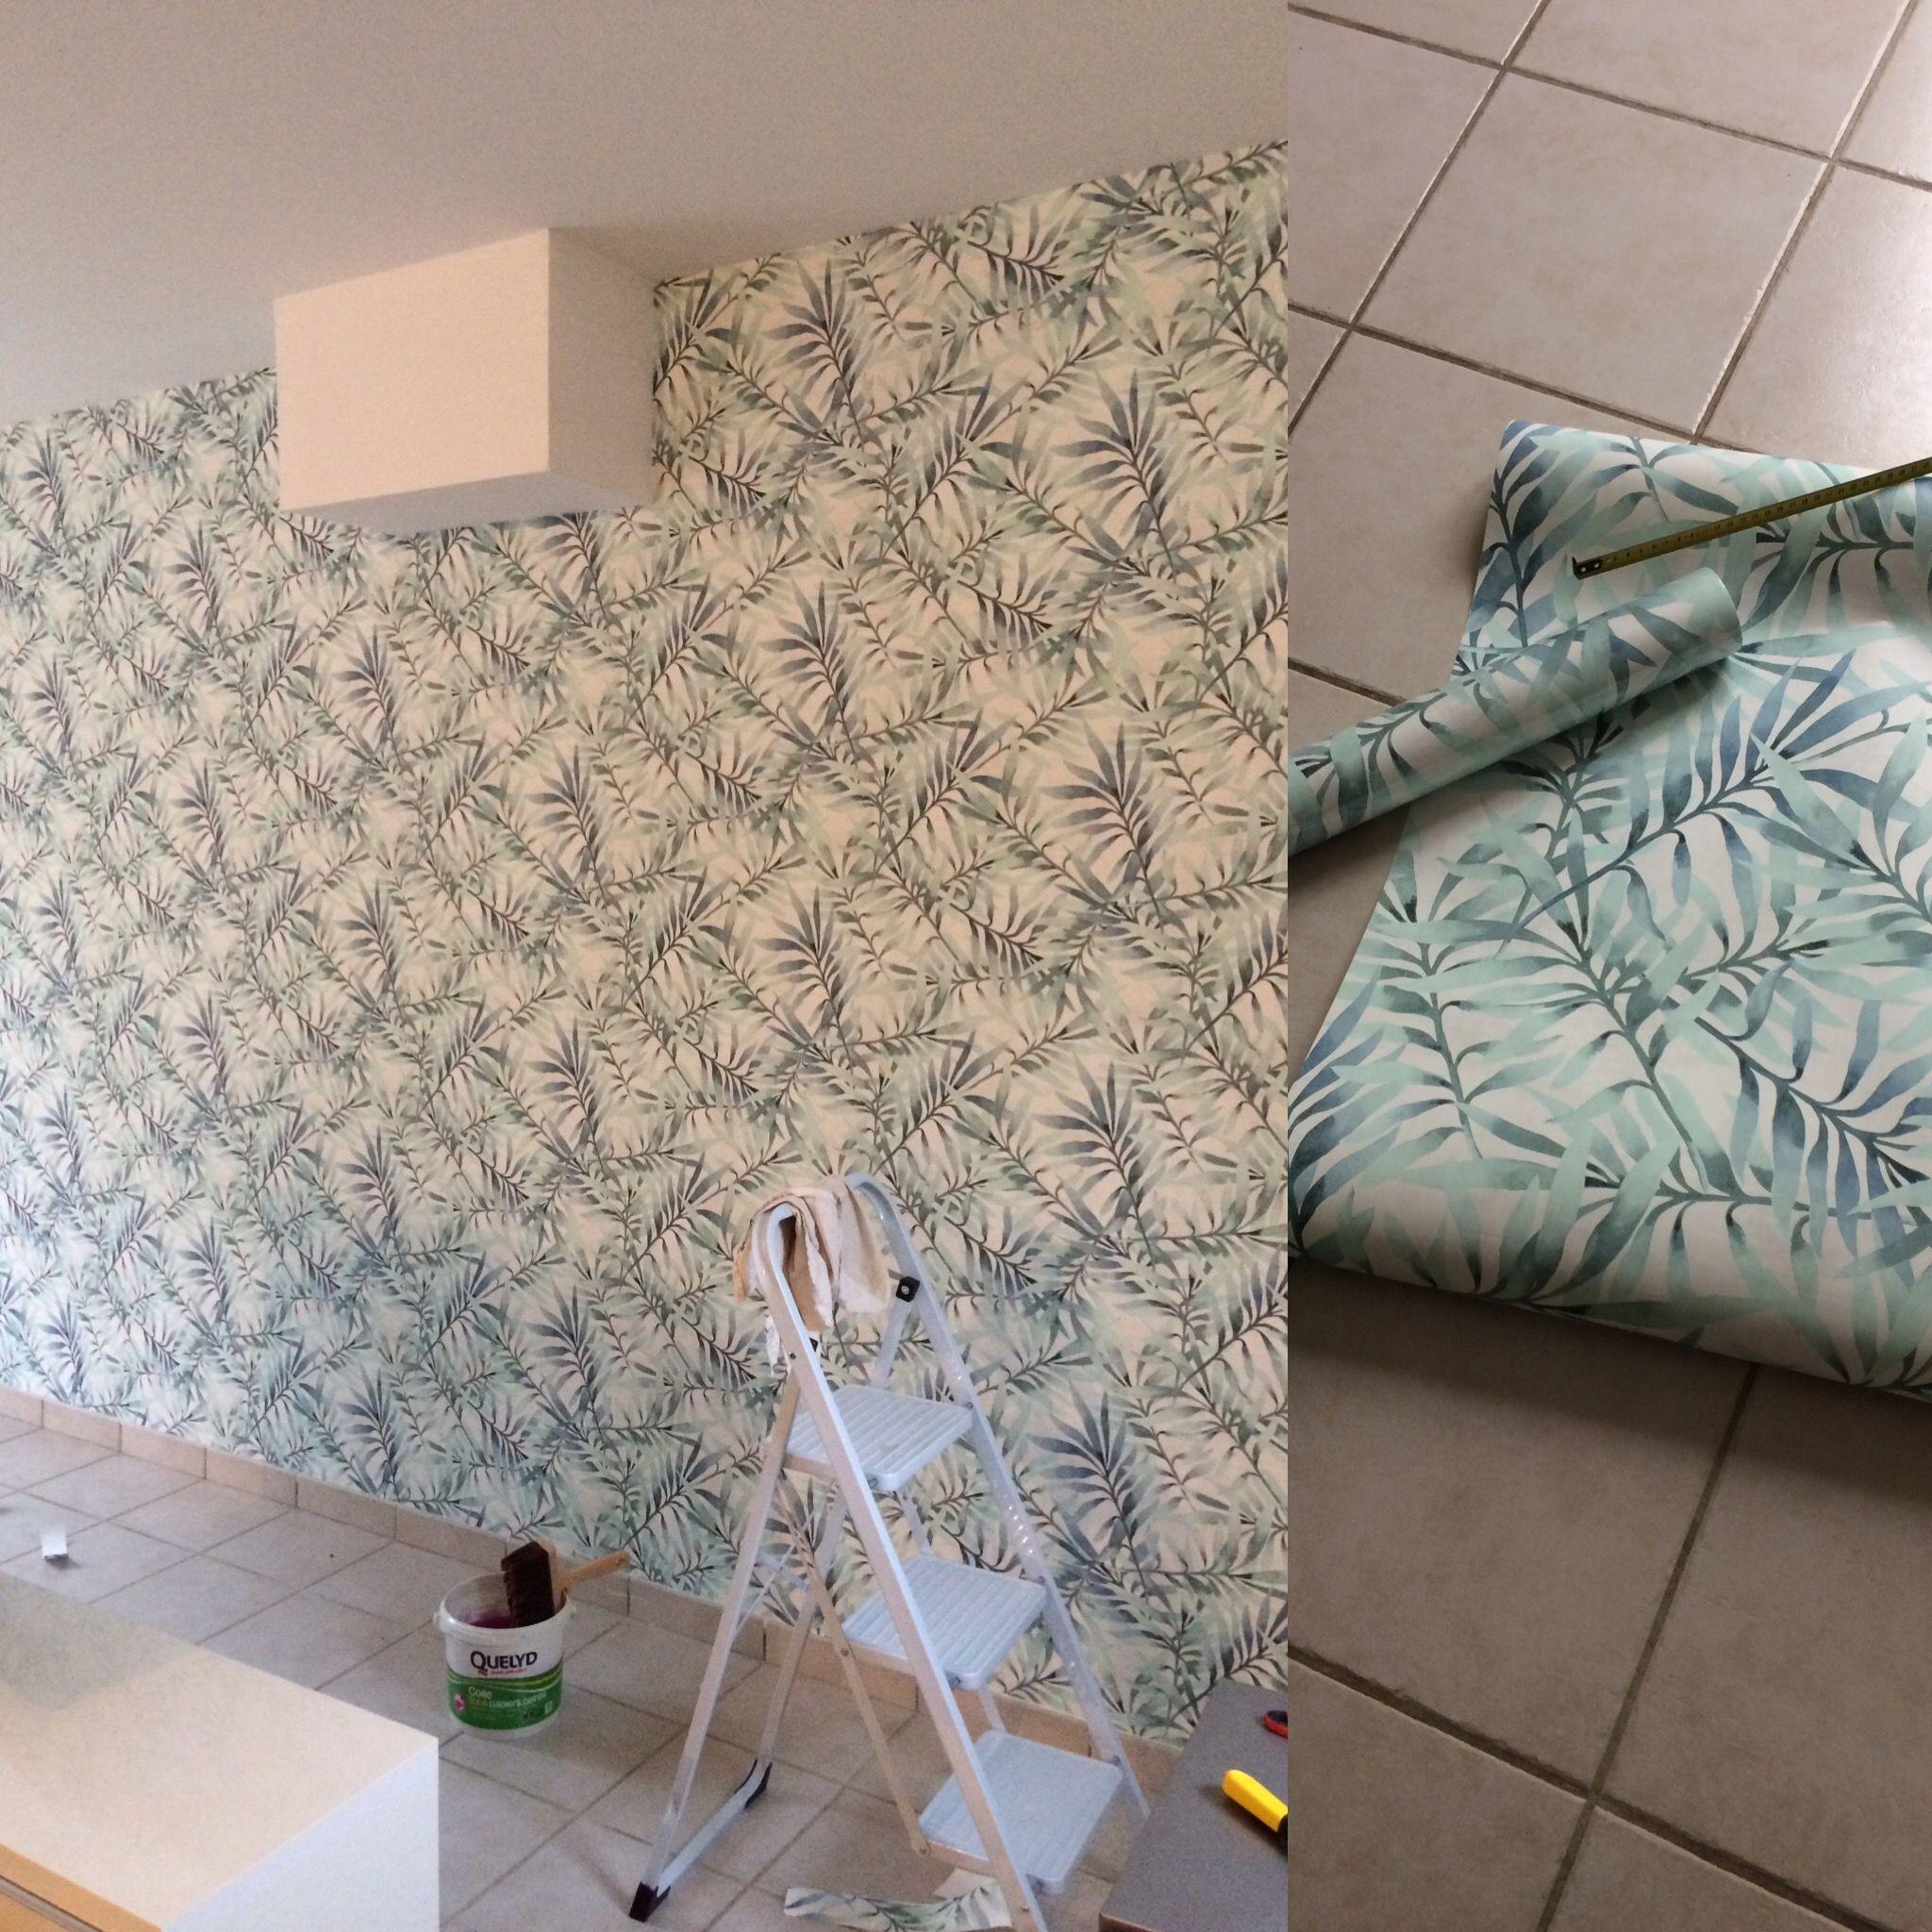 Papier Peint Style Atelier atelier papier peint pour donner du style à son décor